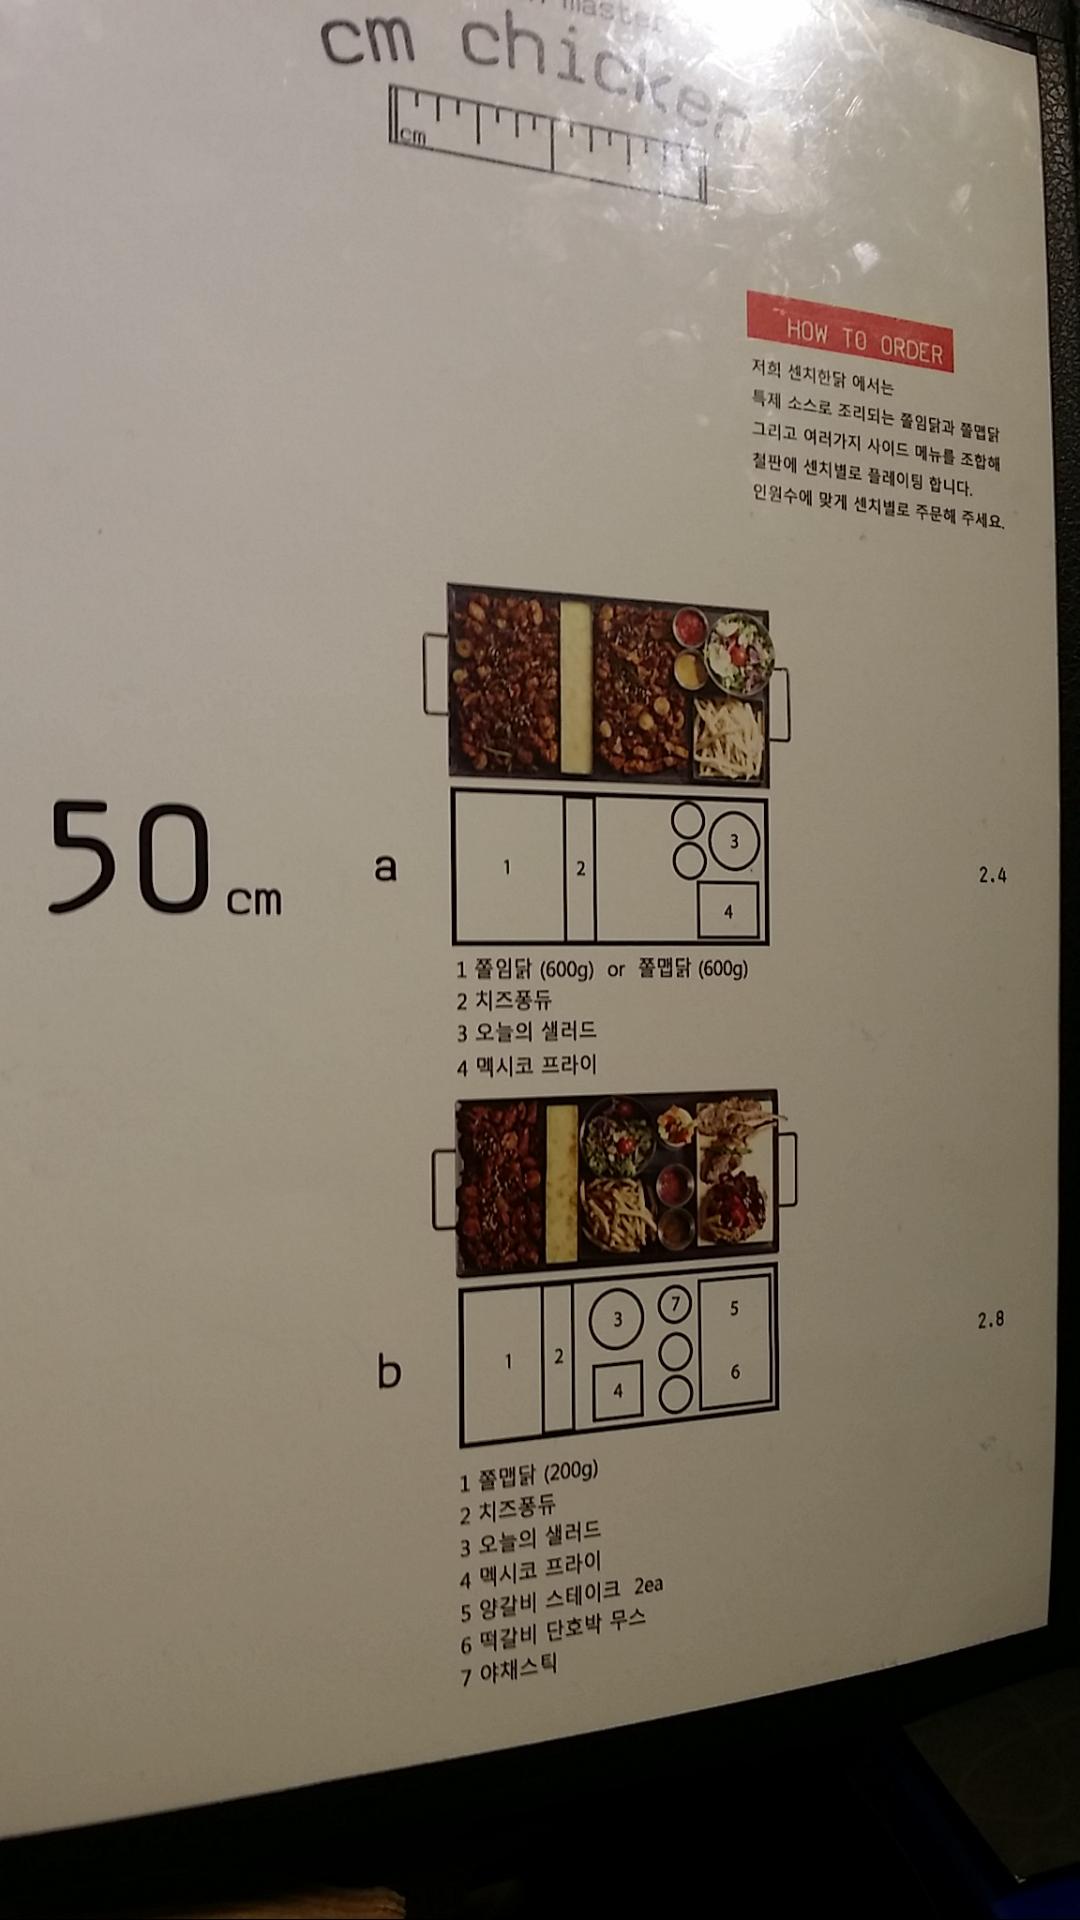 울산 삼산 센치한닭 : 닭볶음, 마늘치킨, 감자튀김..